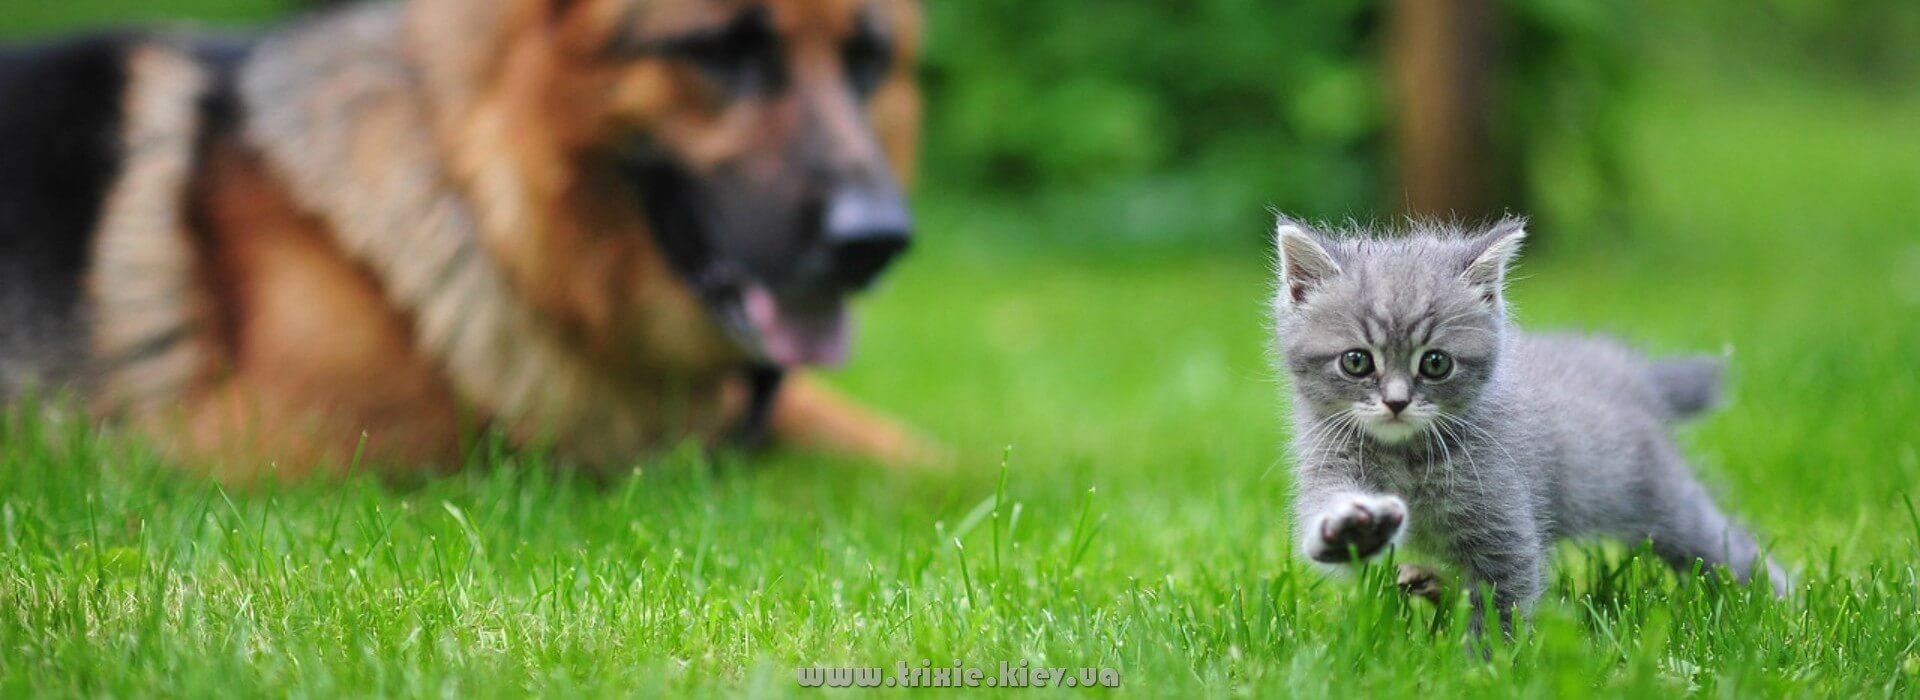 Зоотовары Трикси из Германии - это лучшие зоотовары в Украине для собак и кошек